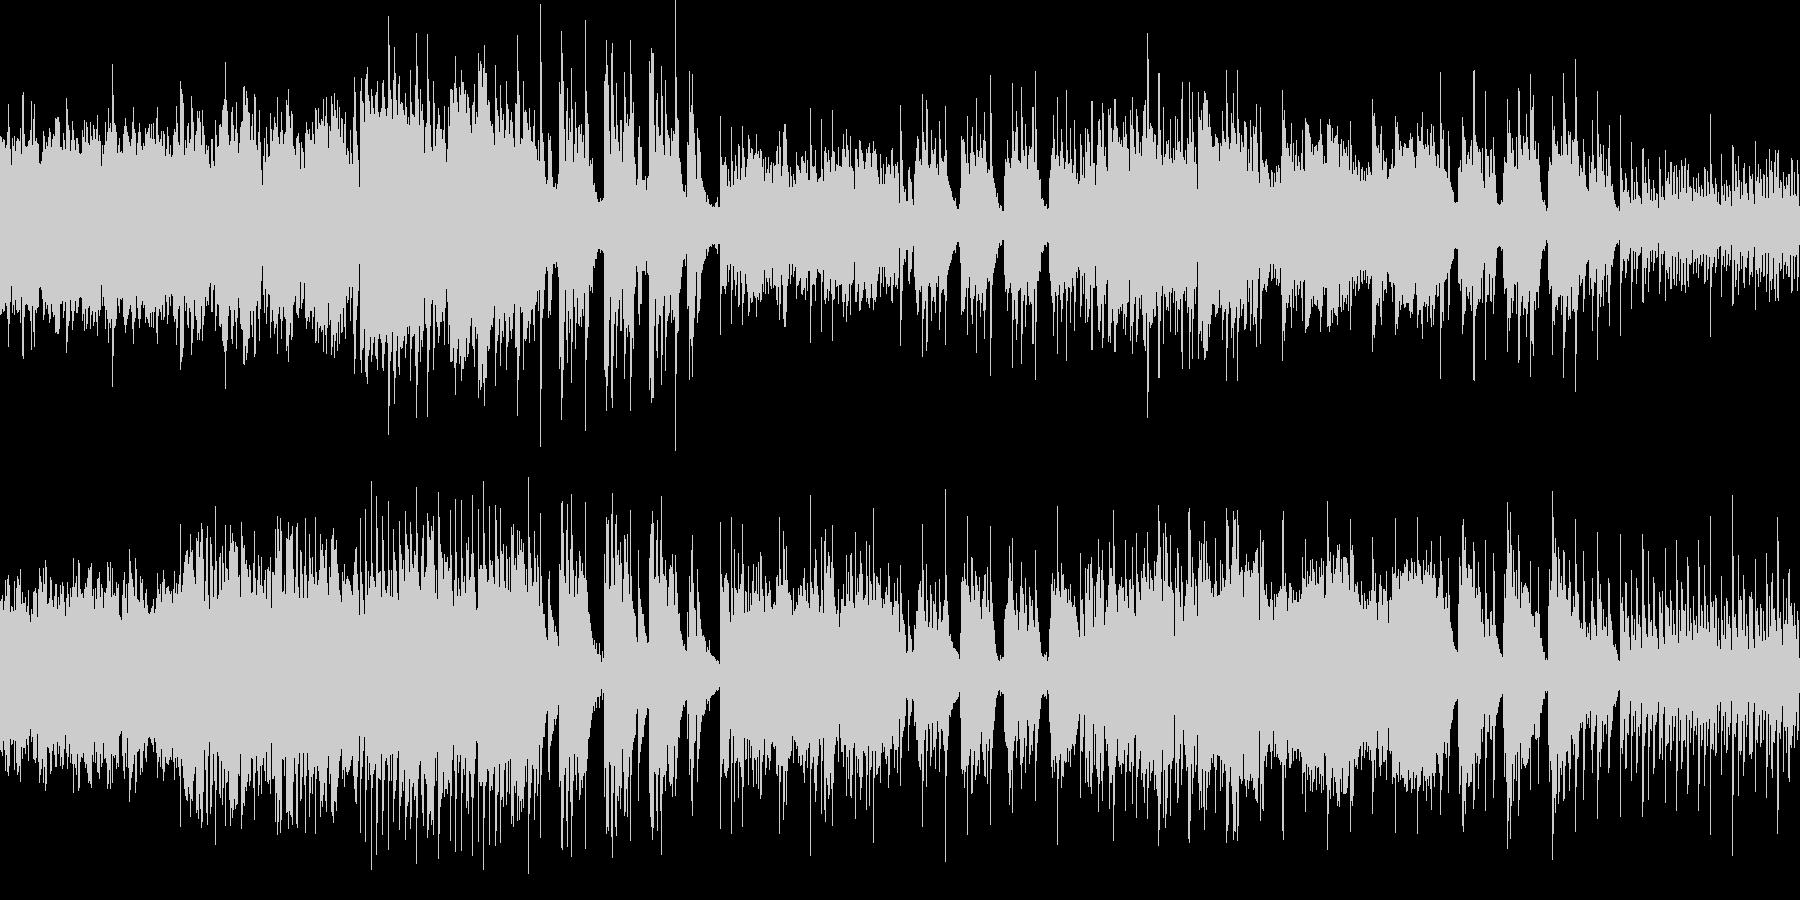 幻想的な雰囲気のバラード(ループ仕様)の未再生の波形